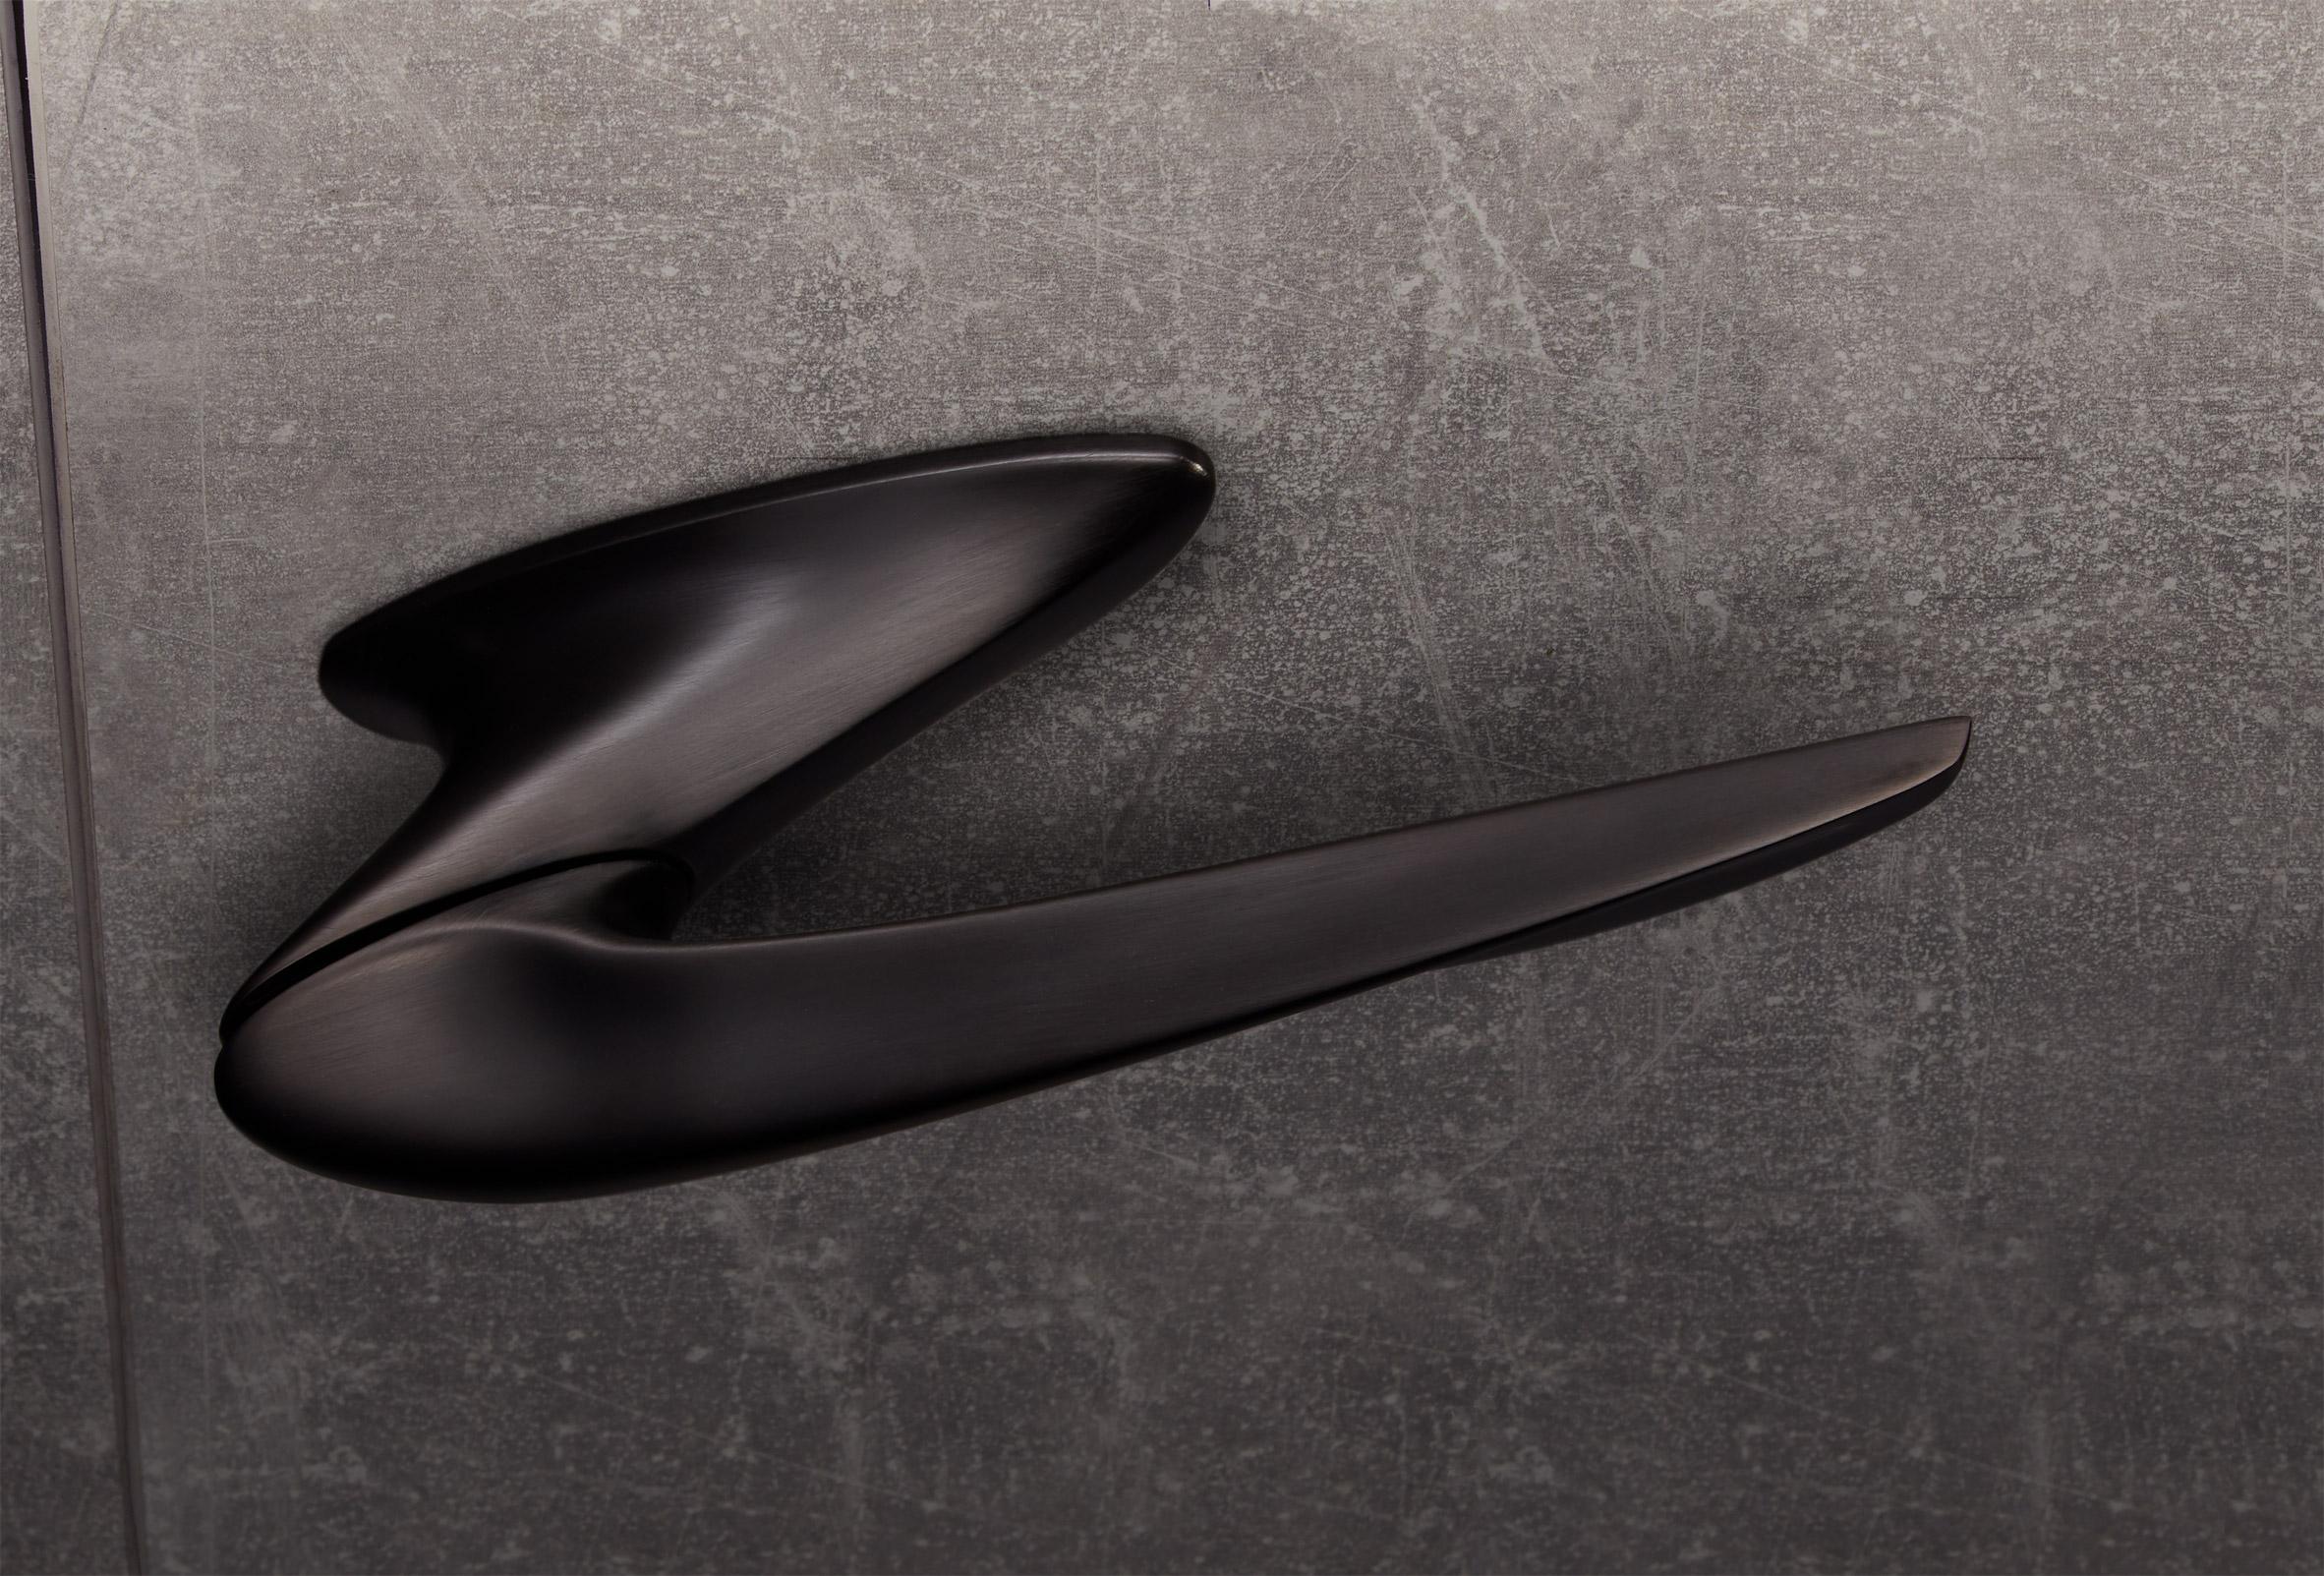 Black Nexxa door handle by Zaha Hadid Architects and Izé